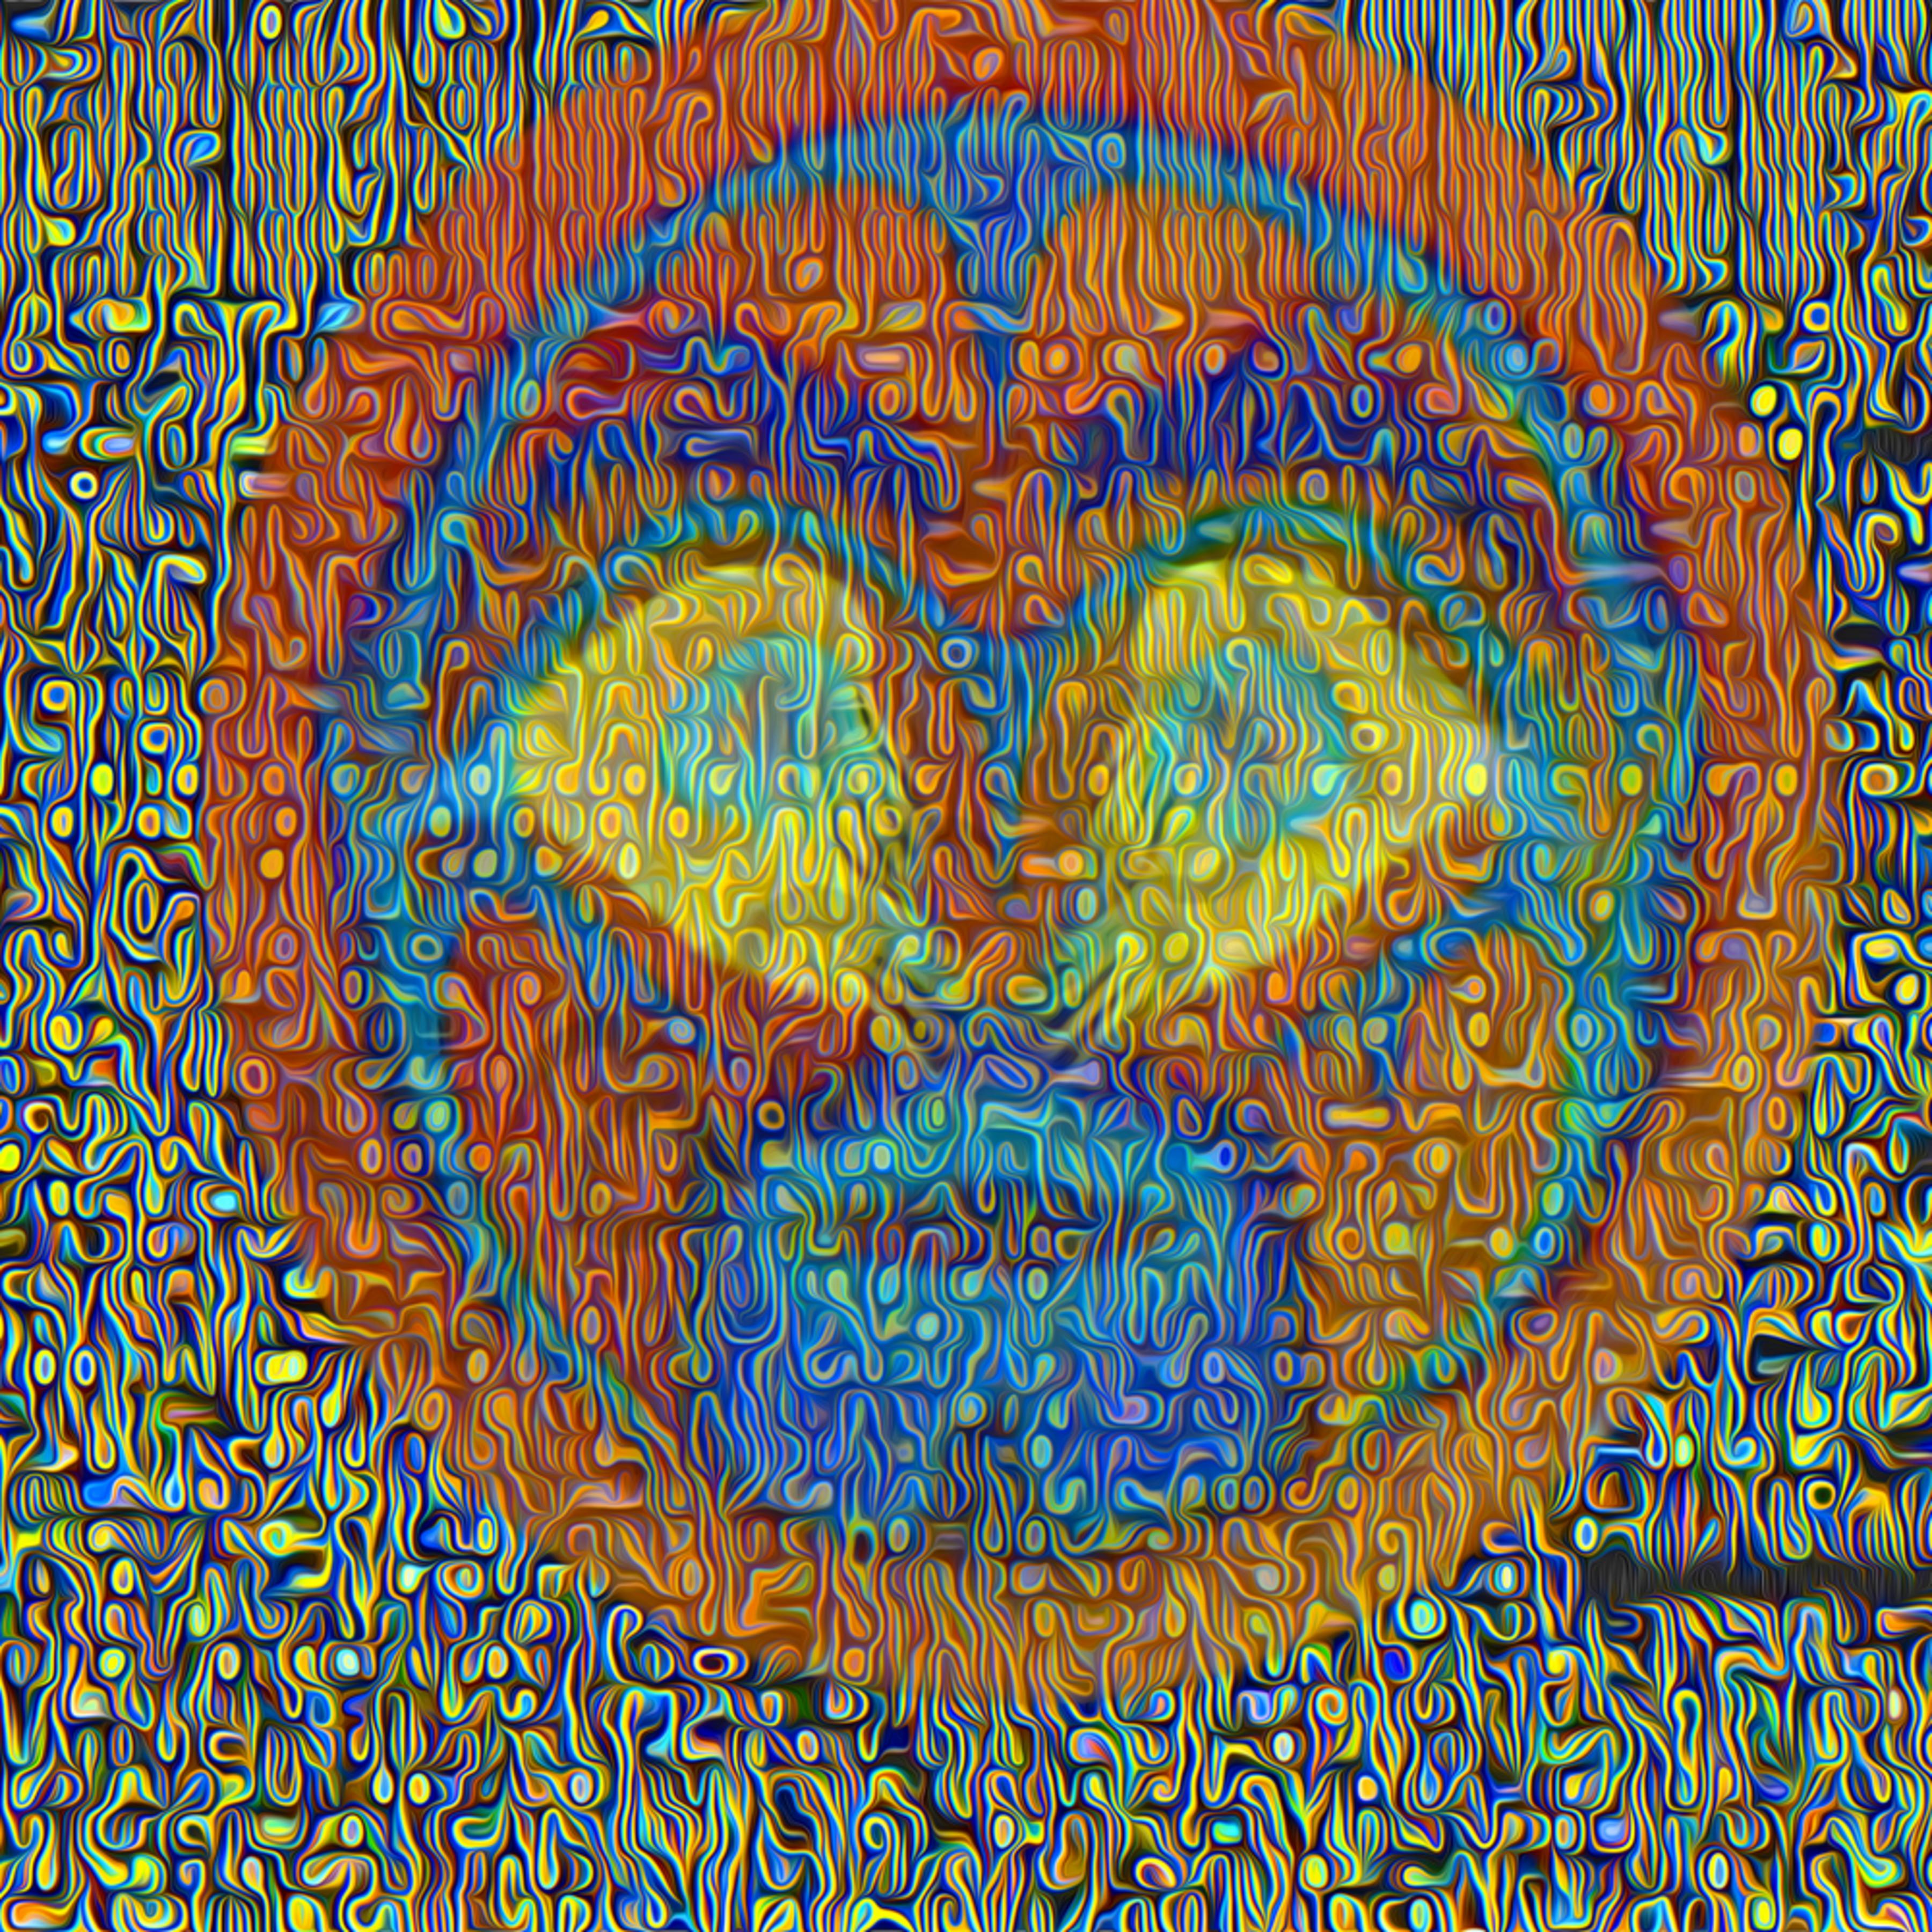 Aboriginal algorythyms 70 by 50 l0ffxw